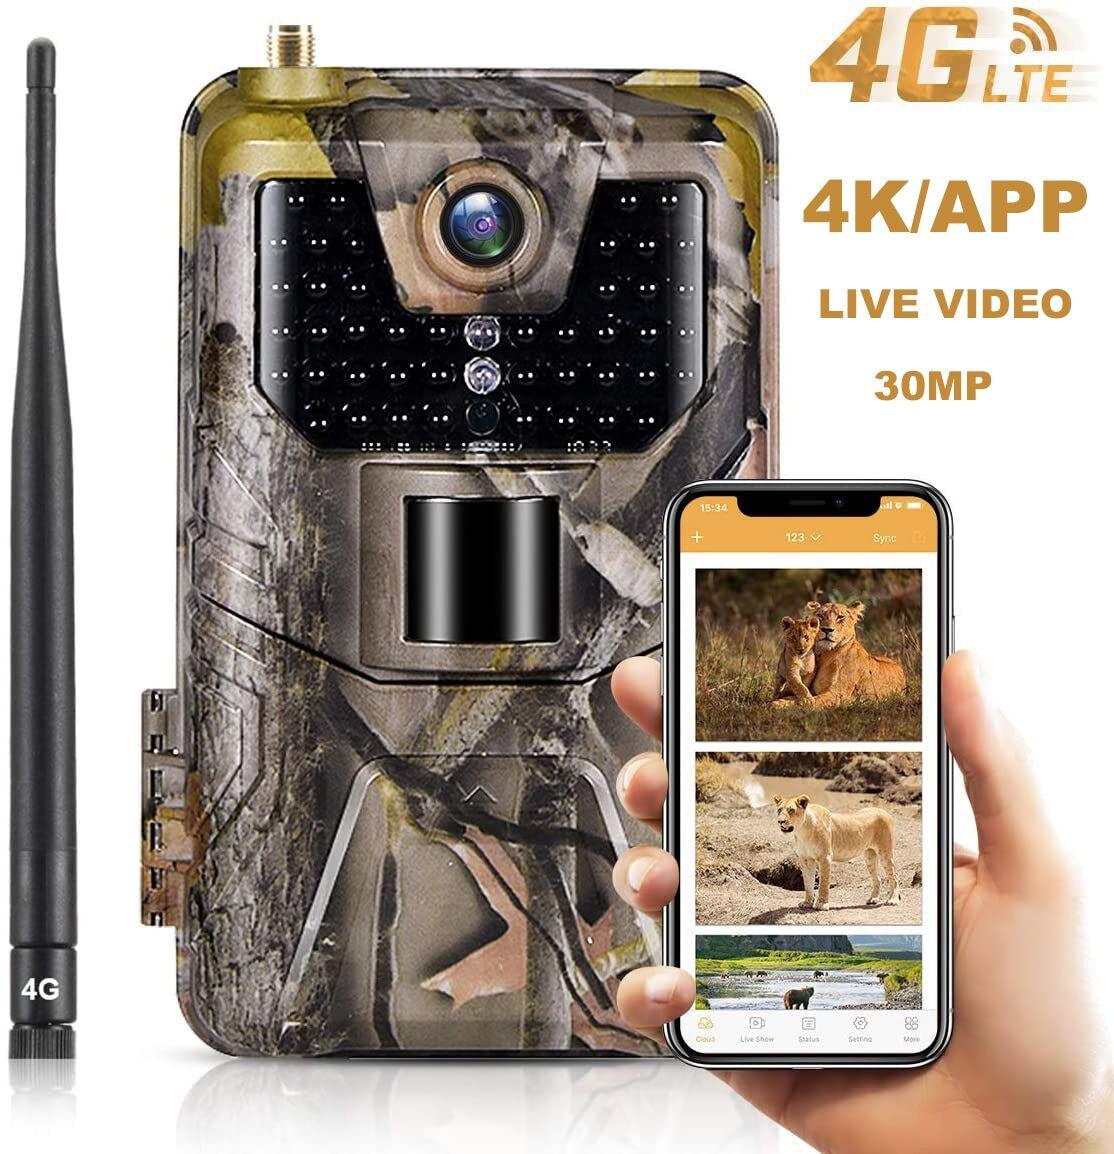 AliExpress Caméra de chasse et de suivi des sentiers avec application Mobile sans fil, 30mp, 4G, Vision